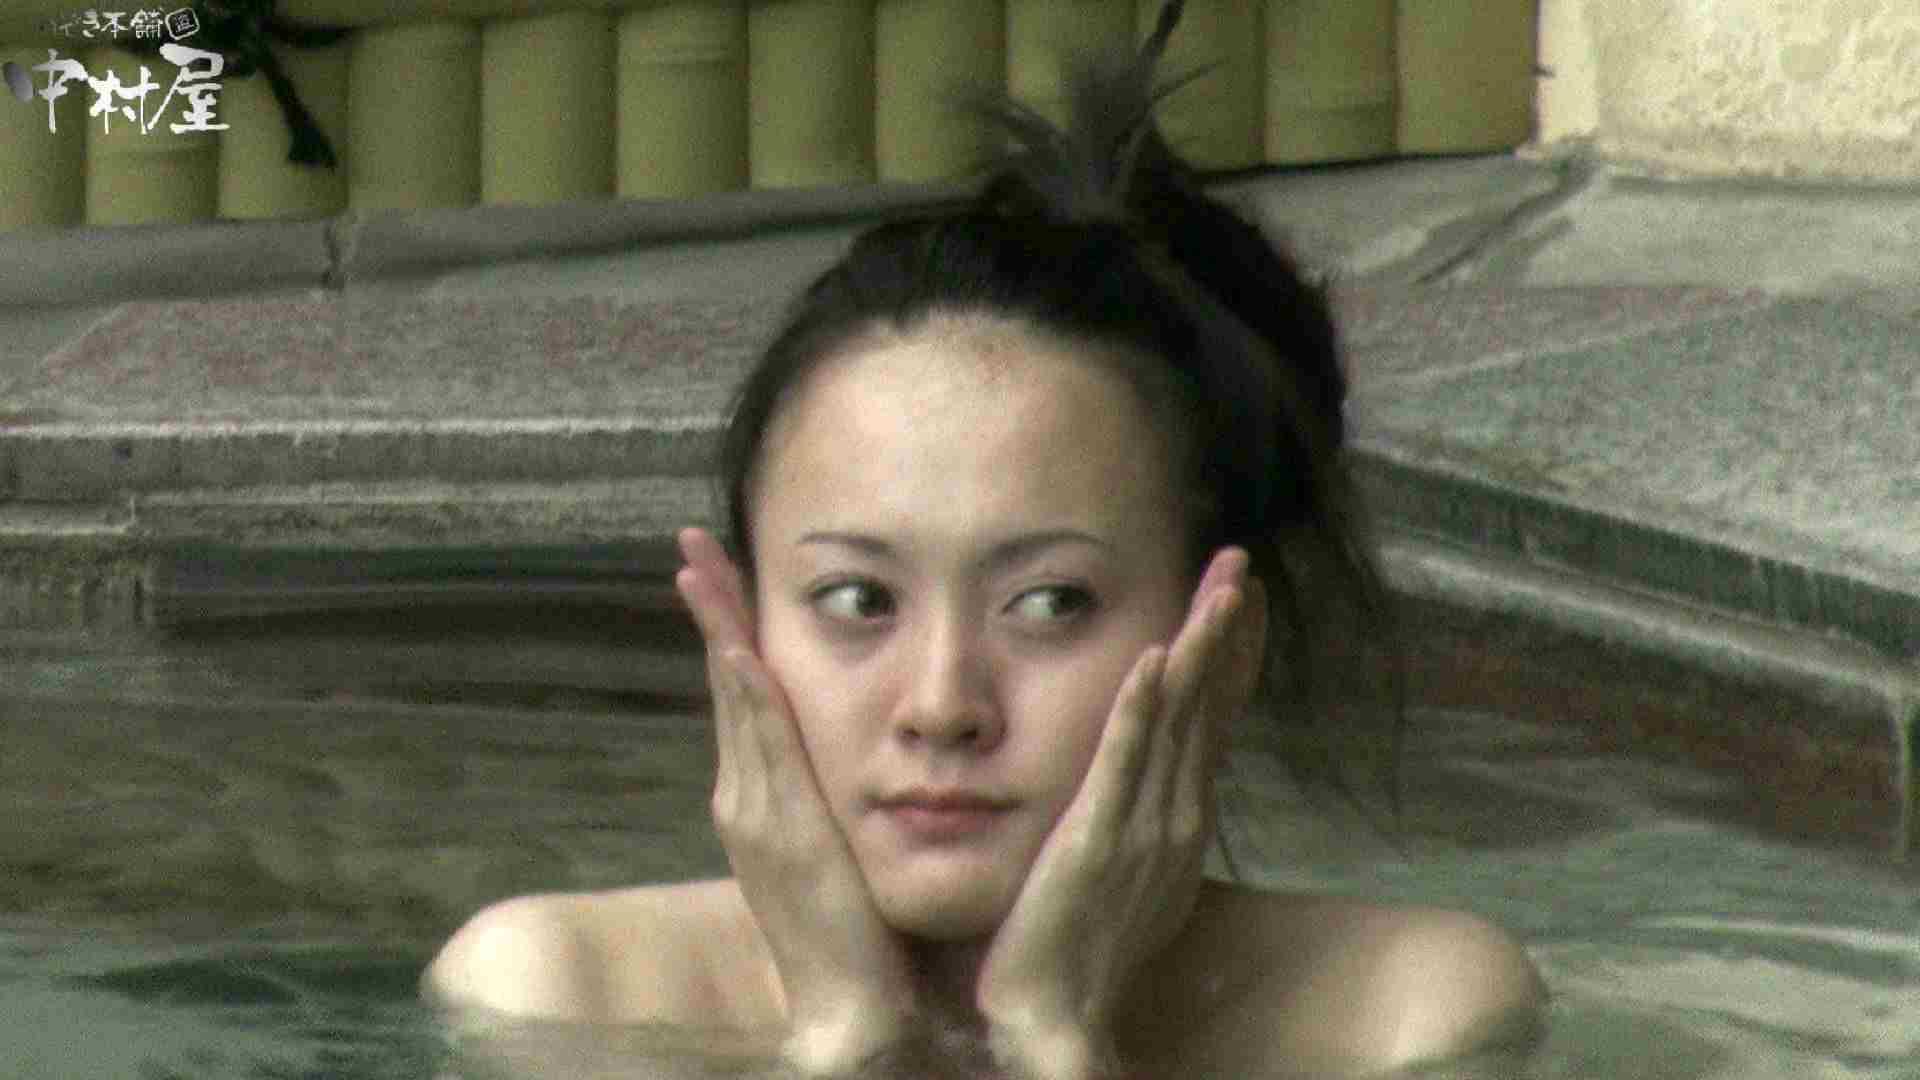 Aquaな露天風呂Vol.900 盗撮シリーズ  110PIX 6